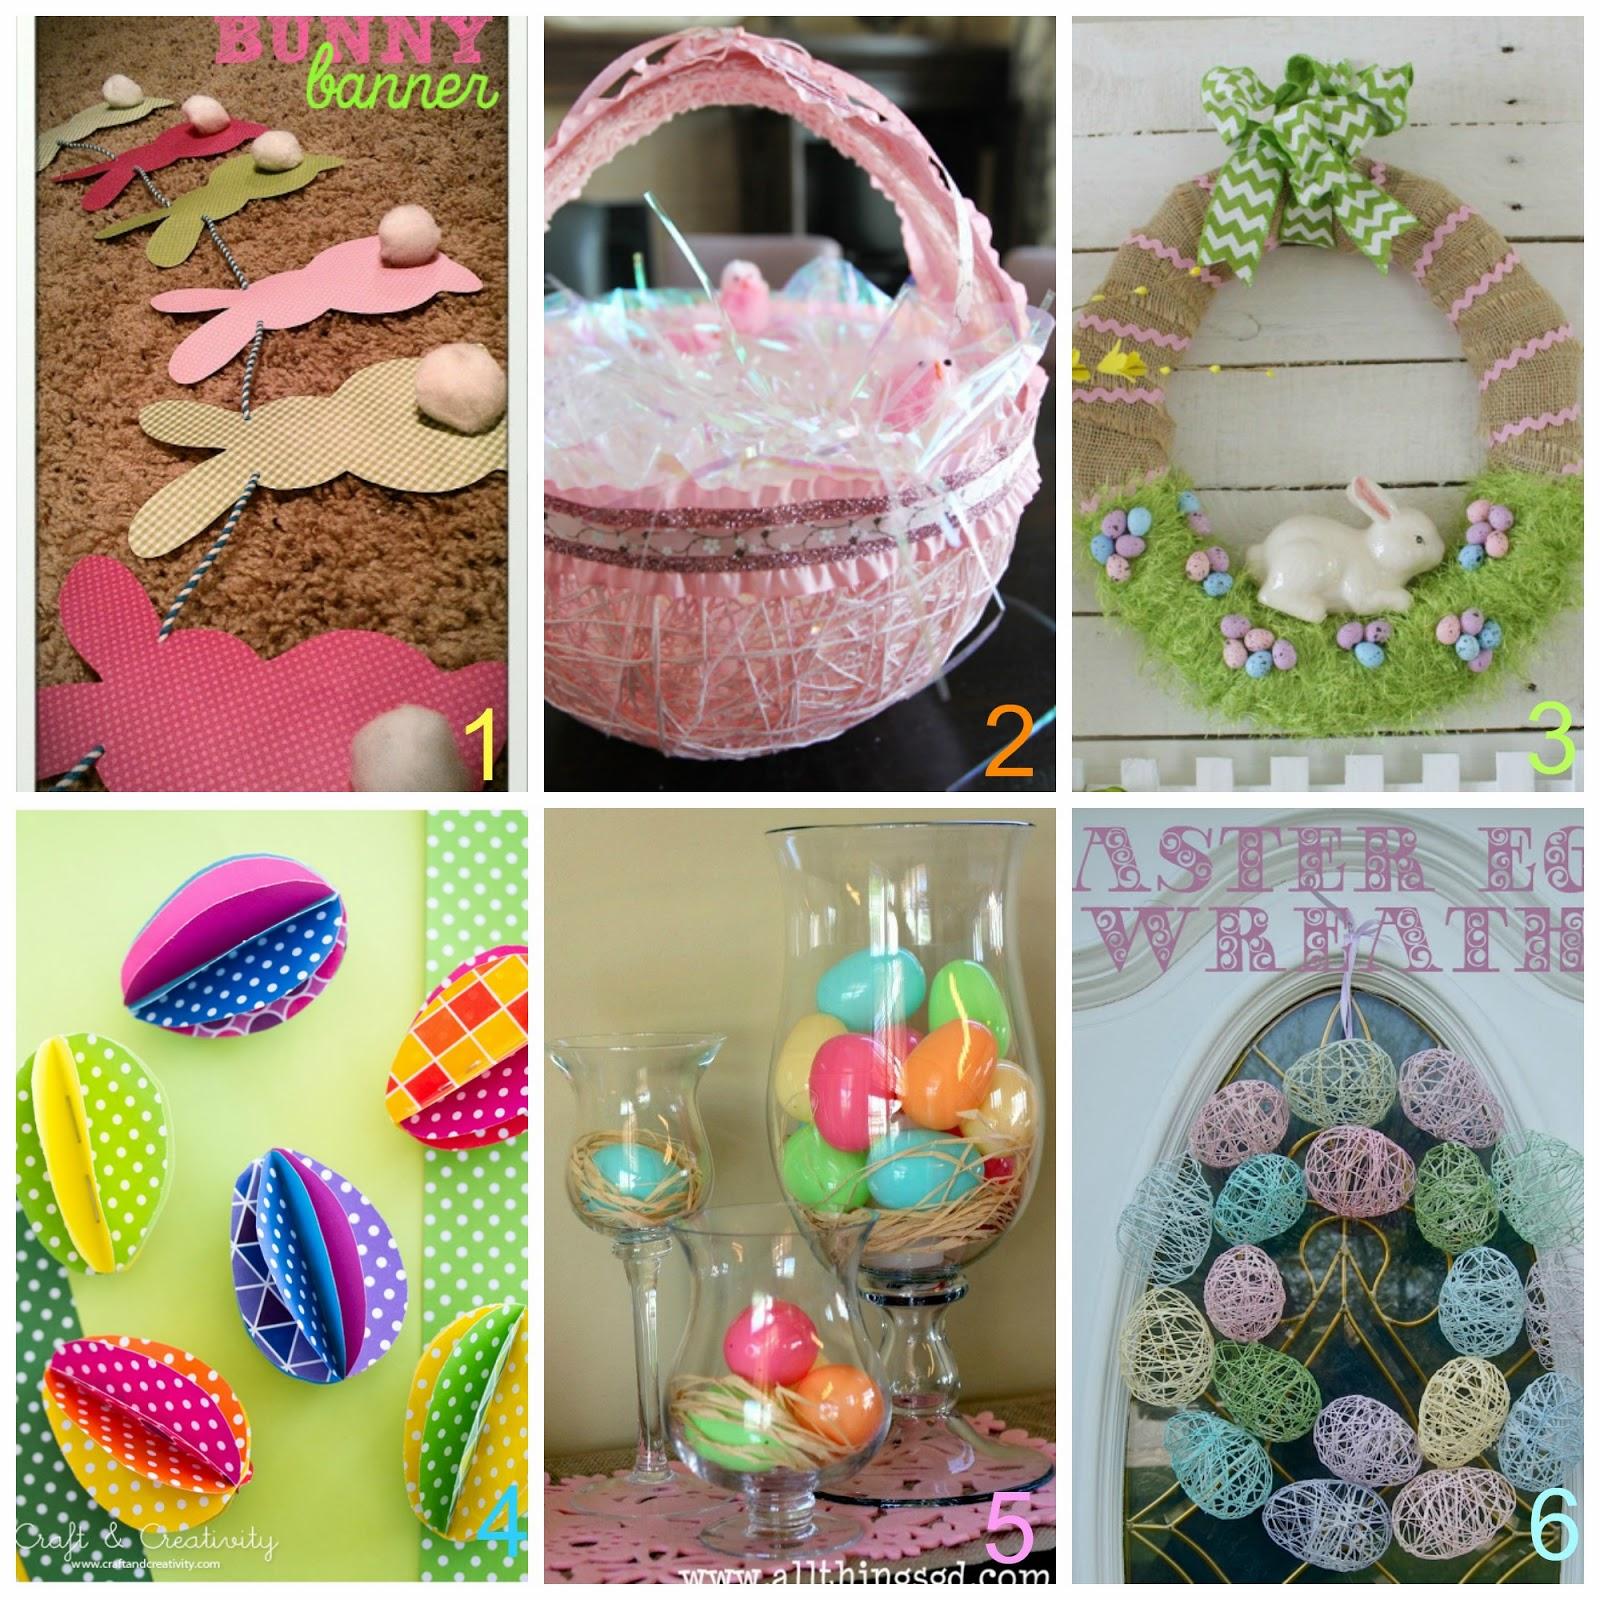 Pasqua decorazioni pasquali facili fai da te 8 tutorial donneinpink magazine - Fai da te pasqua decorazioni ...